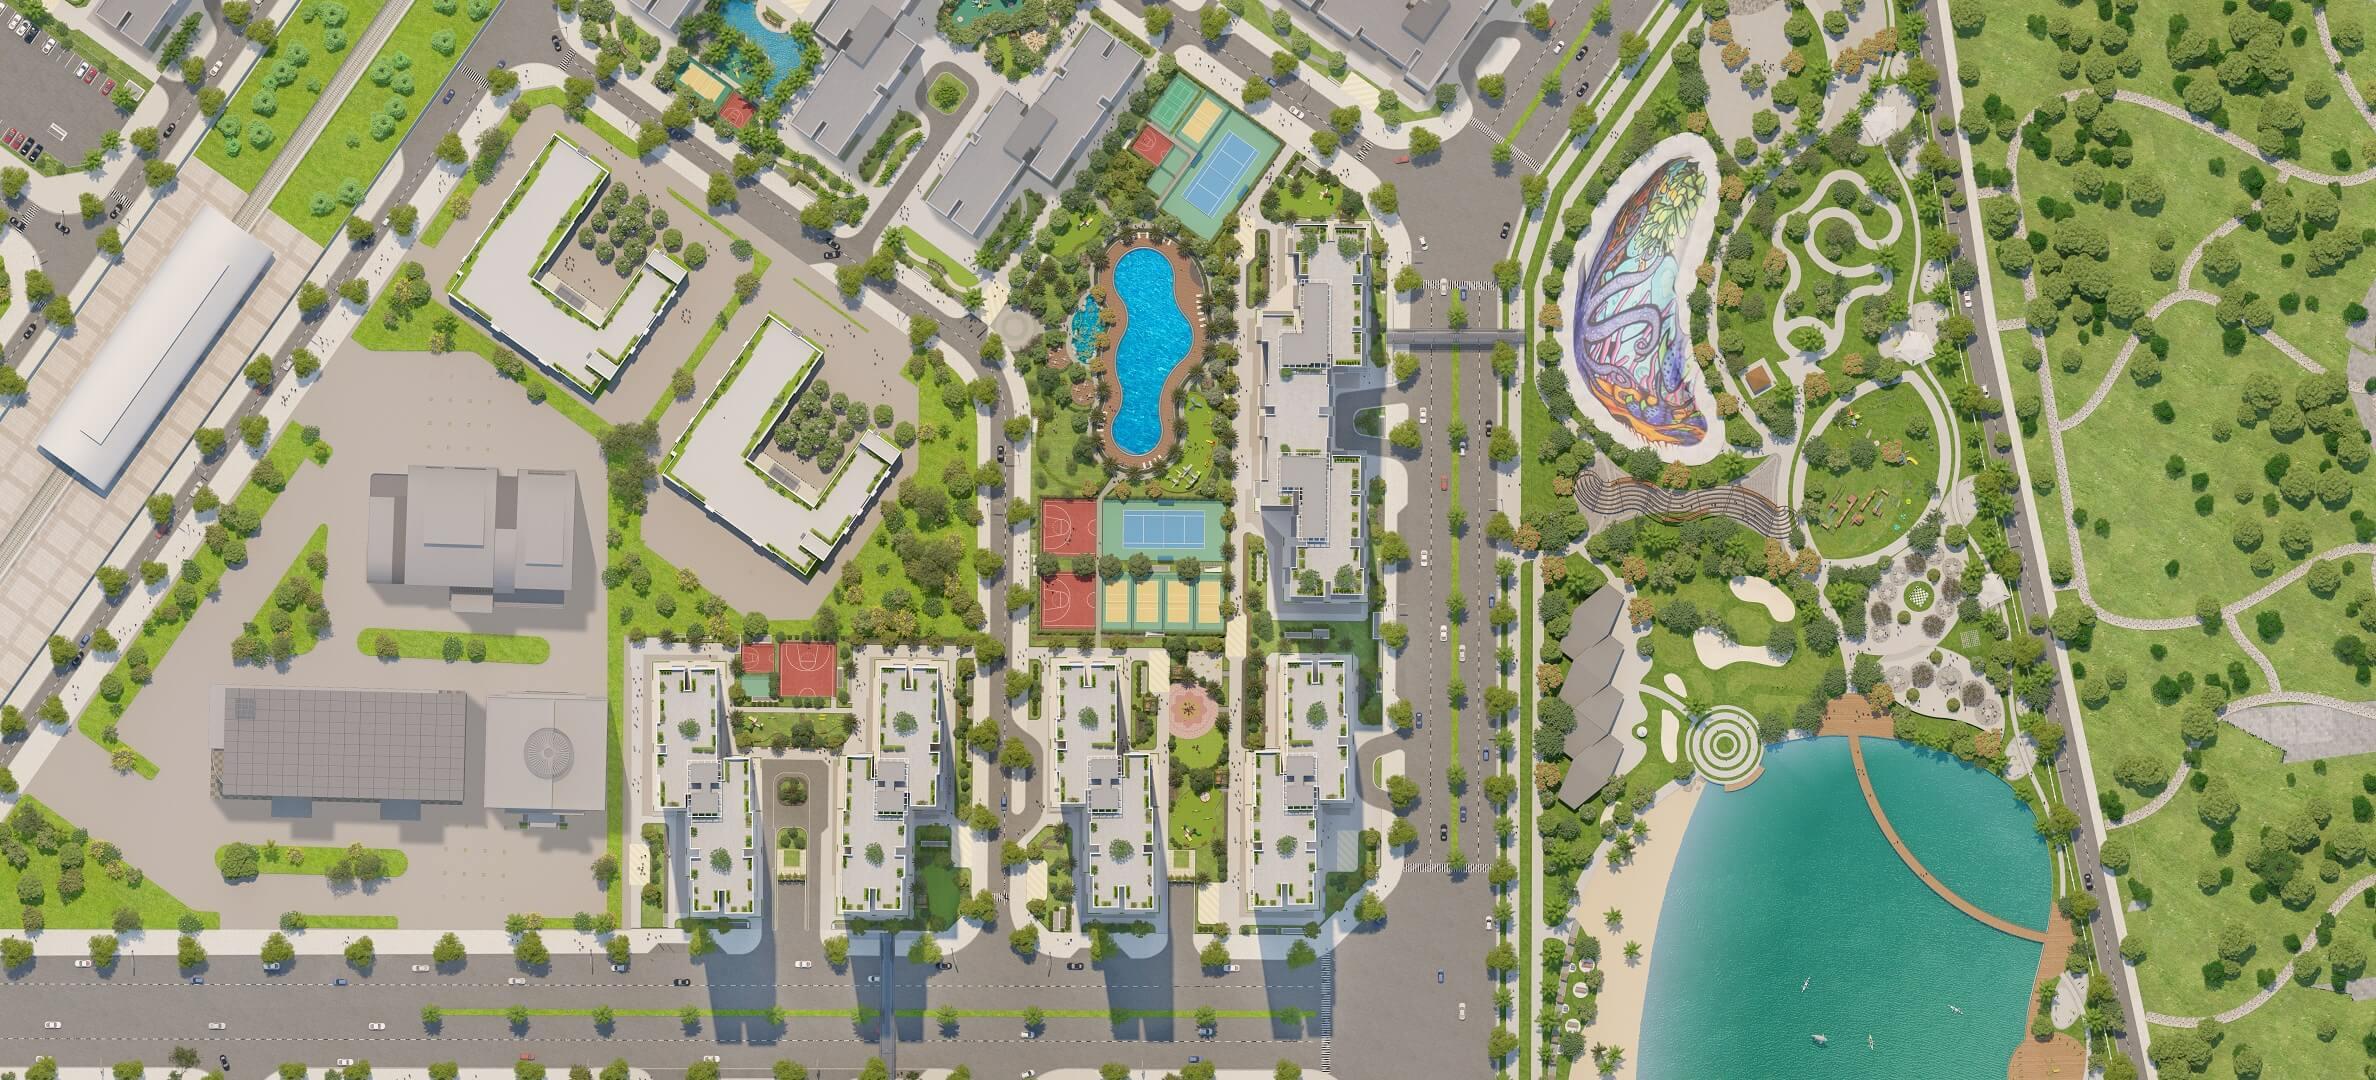 Mặt bằng tổng thể dự án Imperia Smart City Tây Mỗ